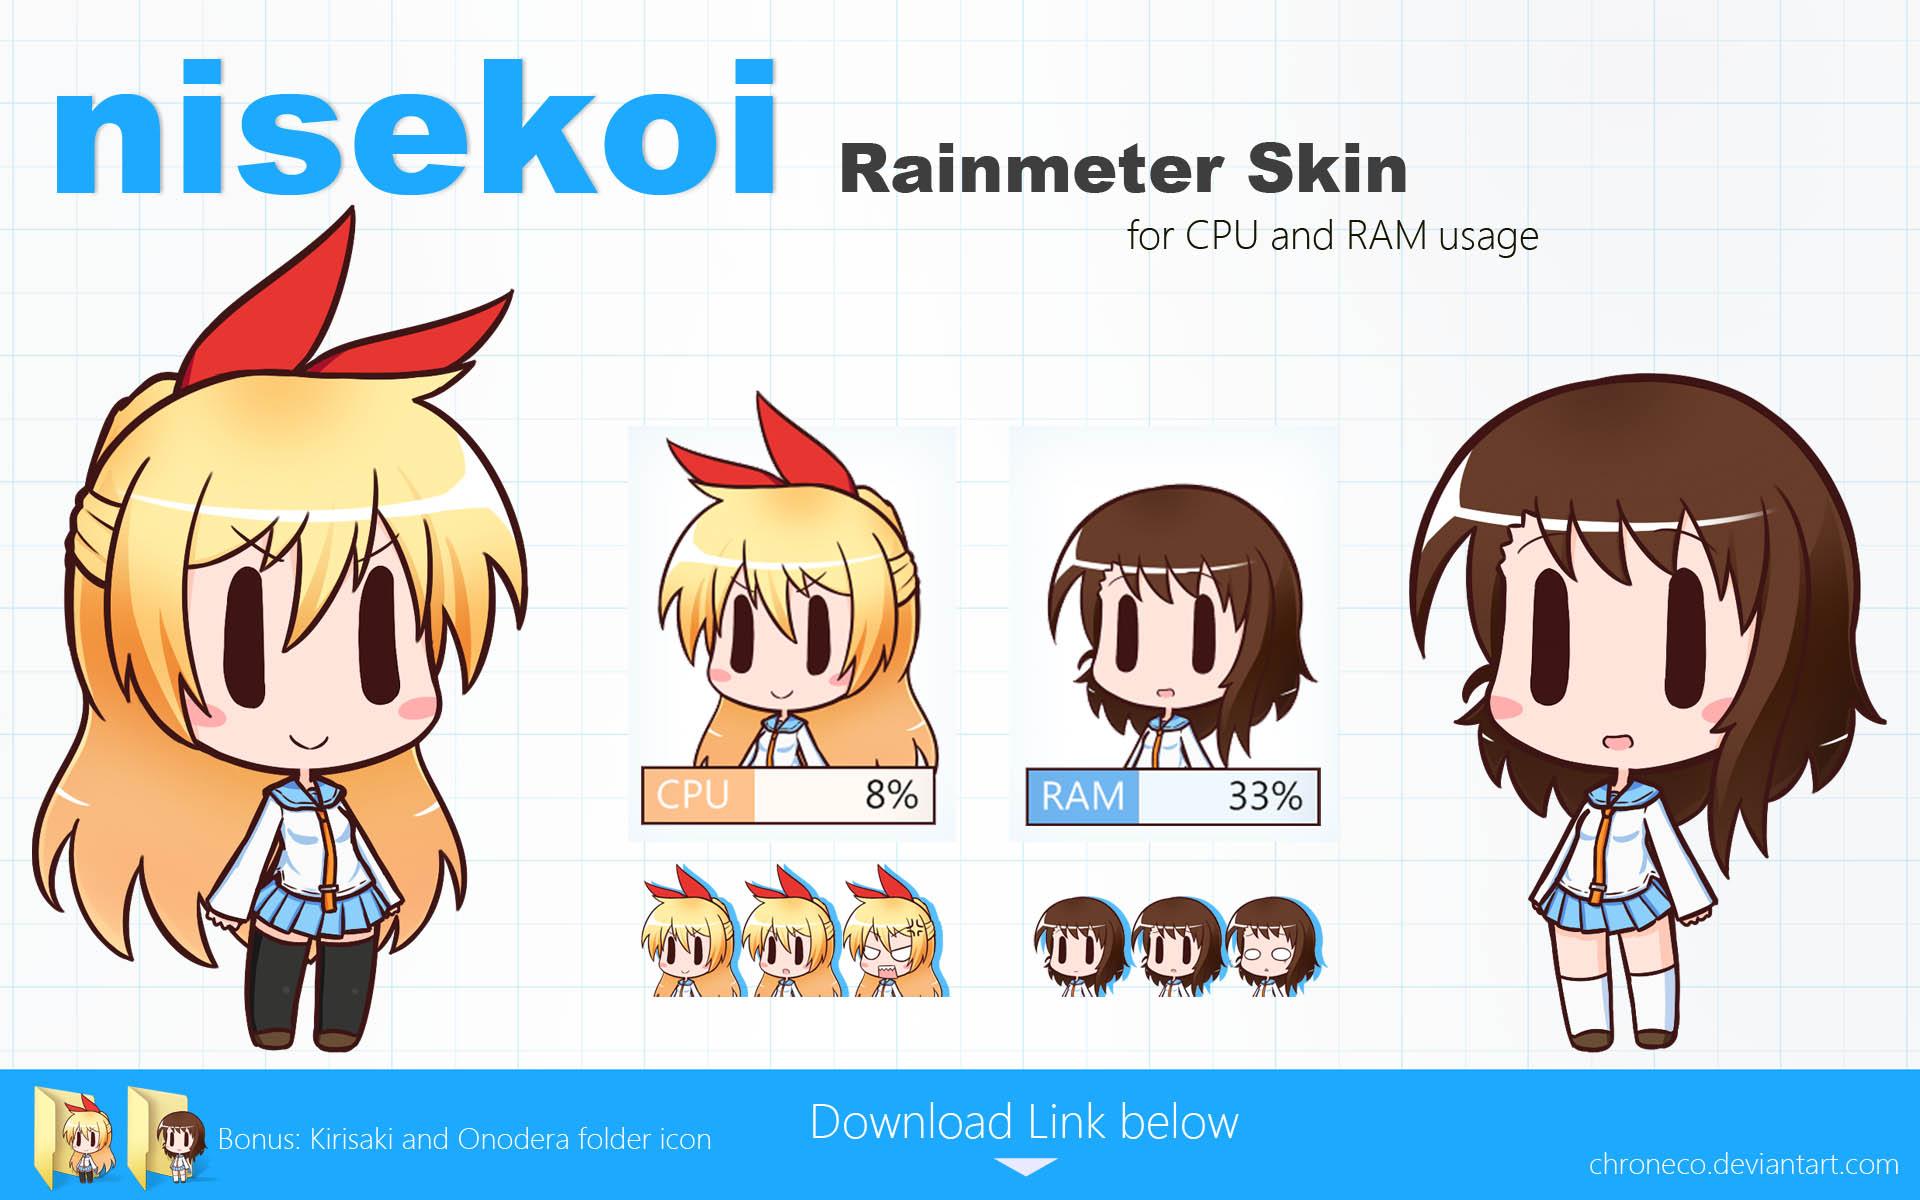 Nisekoi Rainmeter Skin